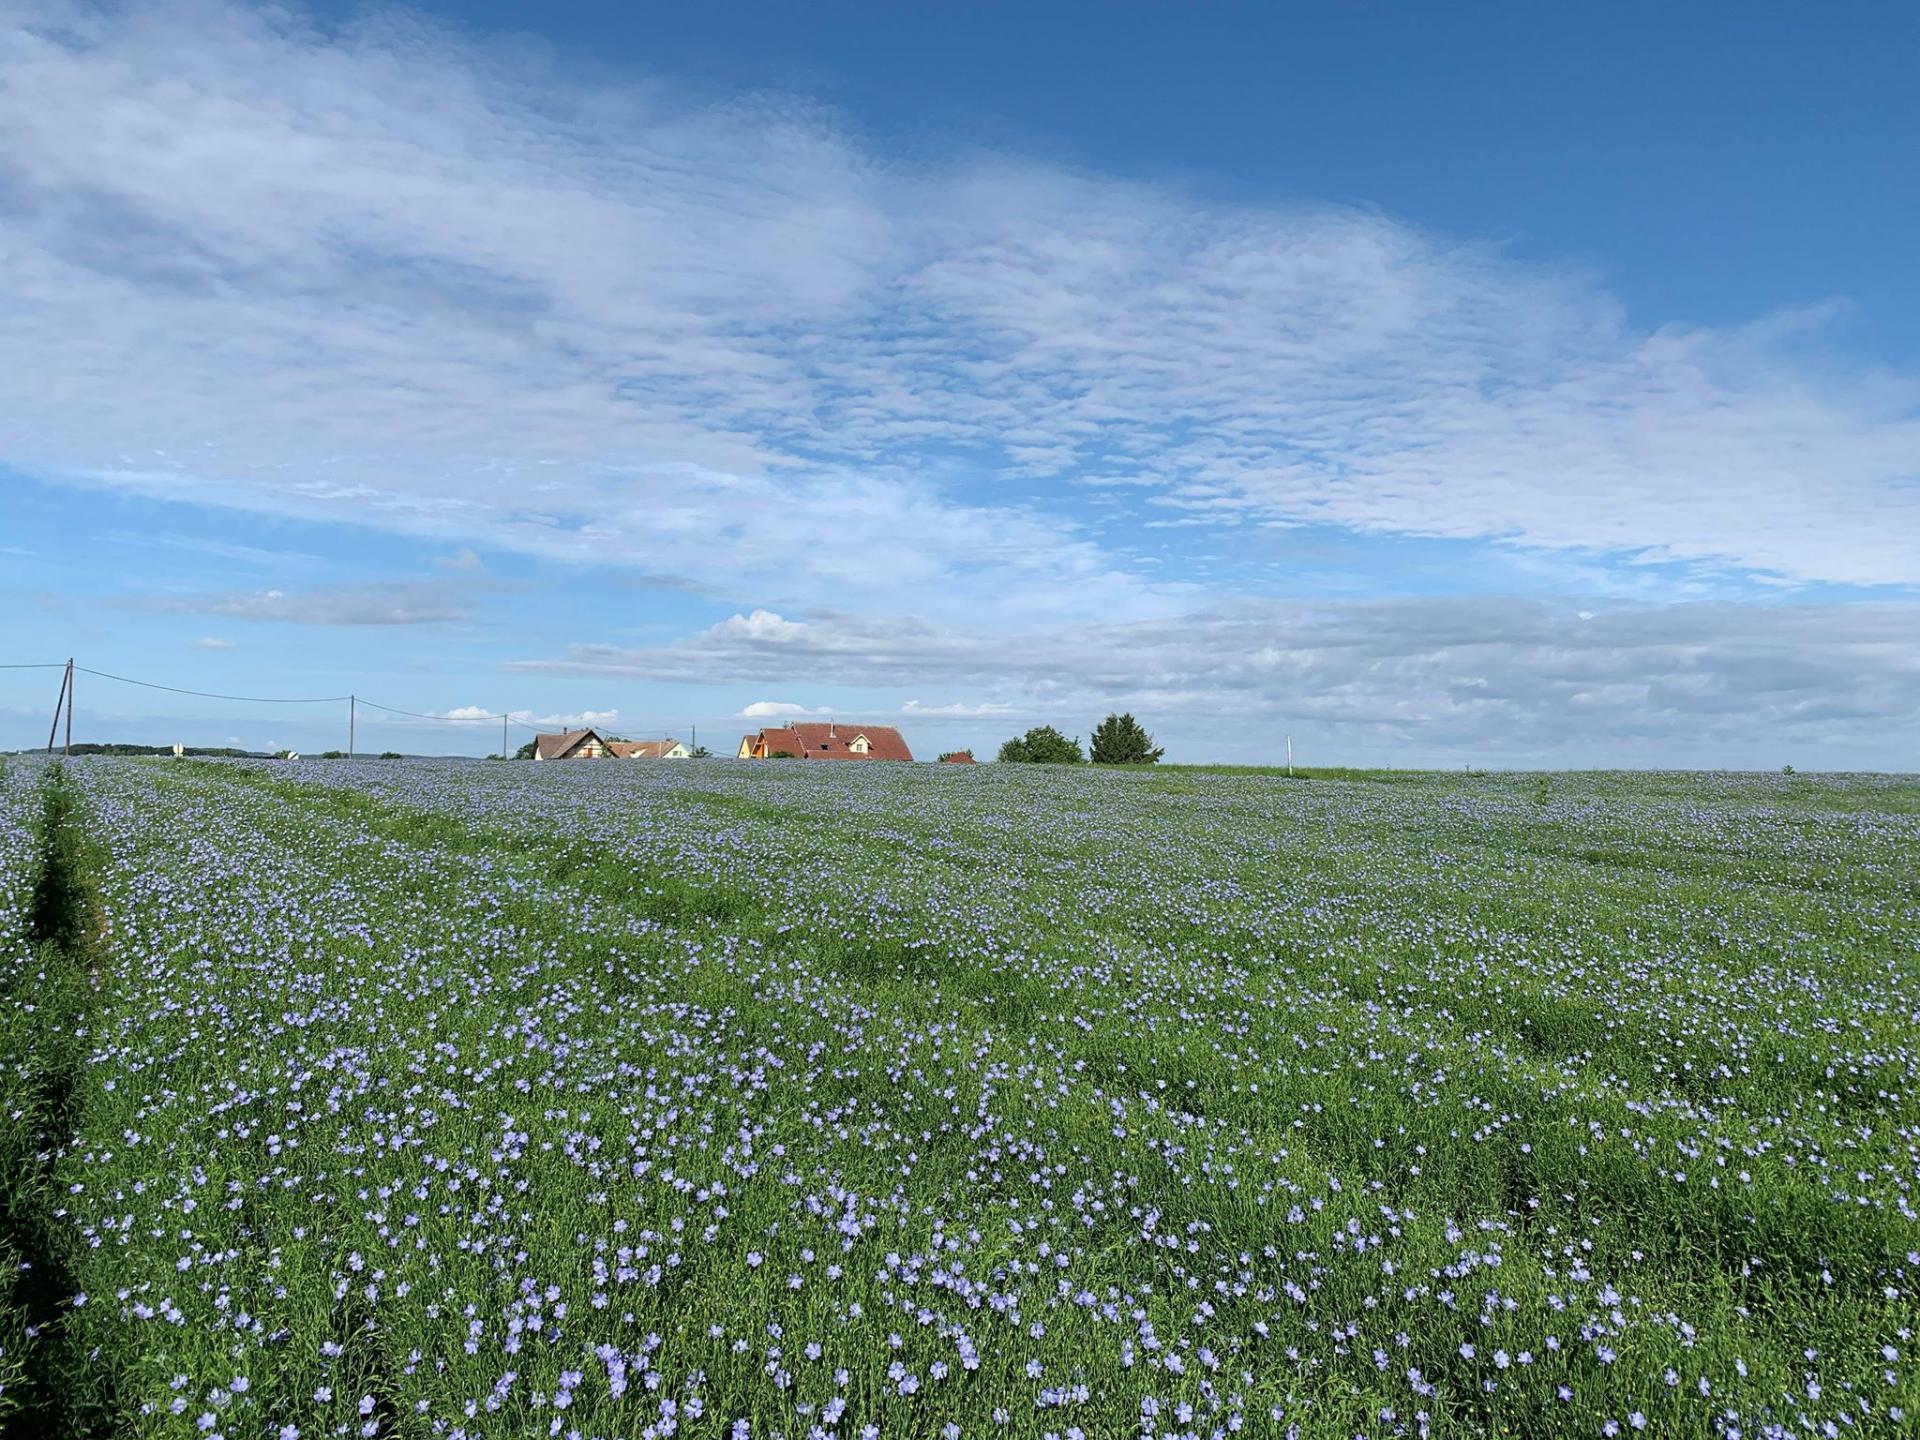 Le champ de lin en fleurs